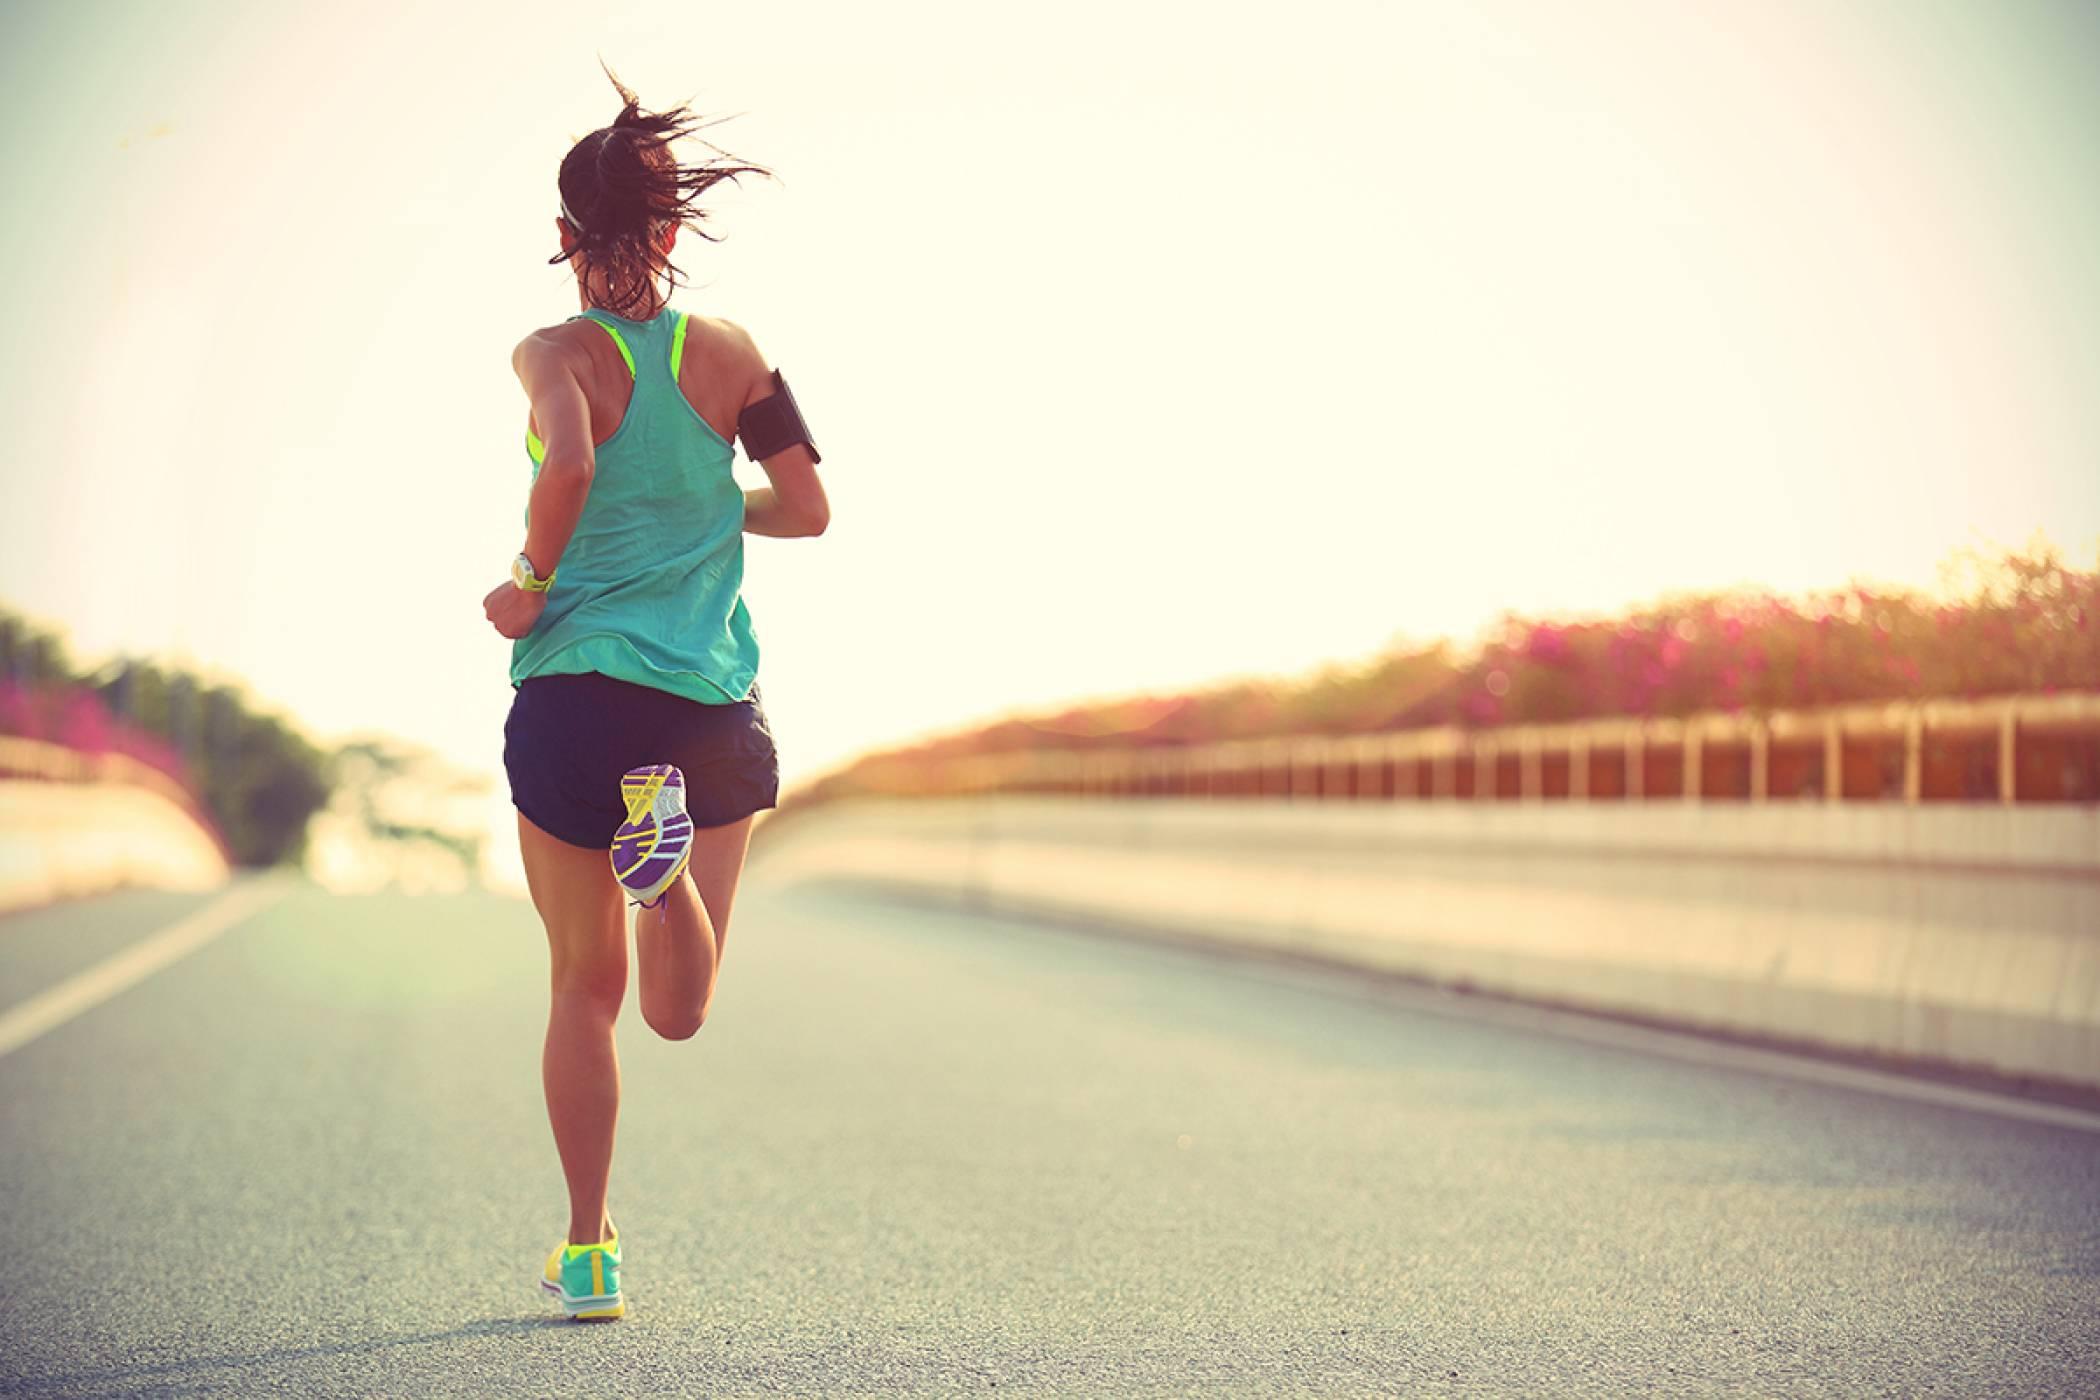 Аеробните упражнения намаляват симптомите на шизофрения